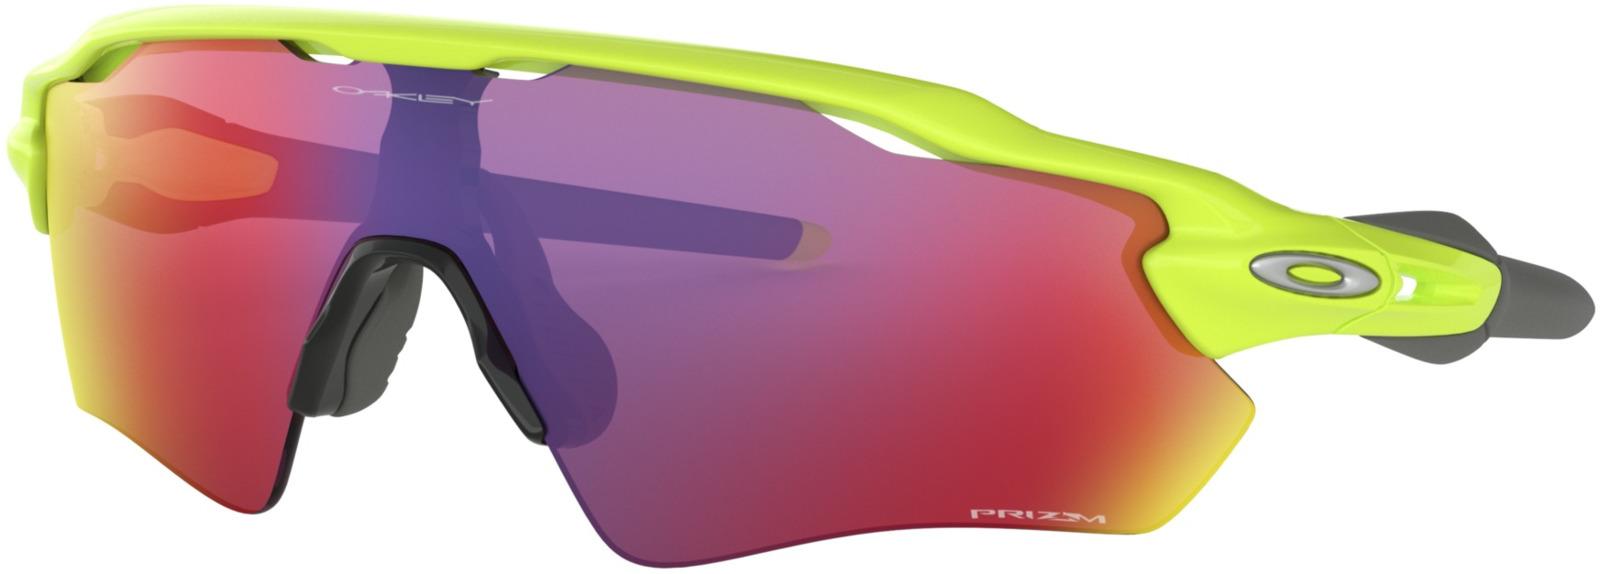 цена на Велосипедные очки Oakley Radar Ev Path Retina, цвет: оранжевый